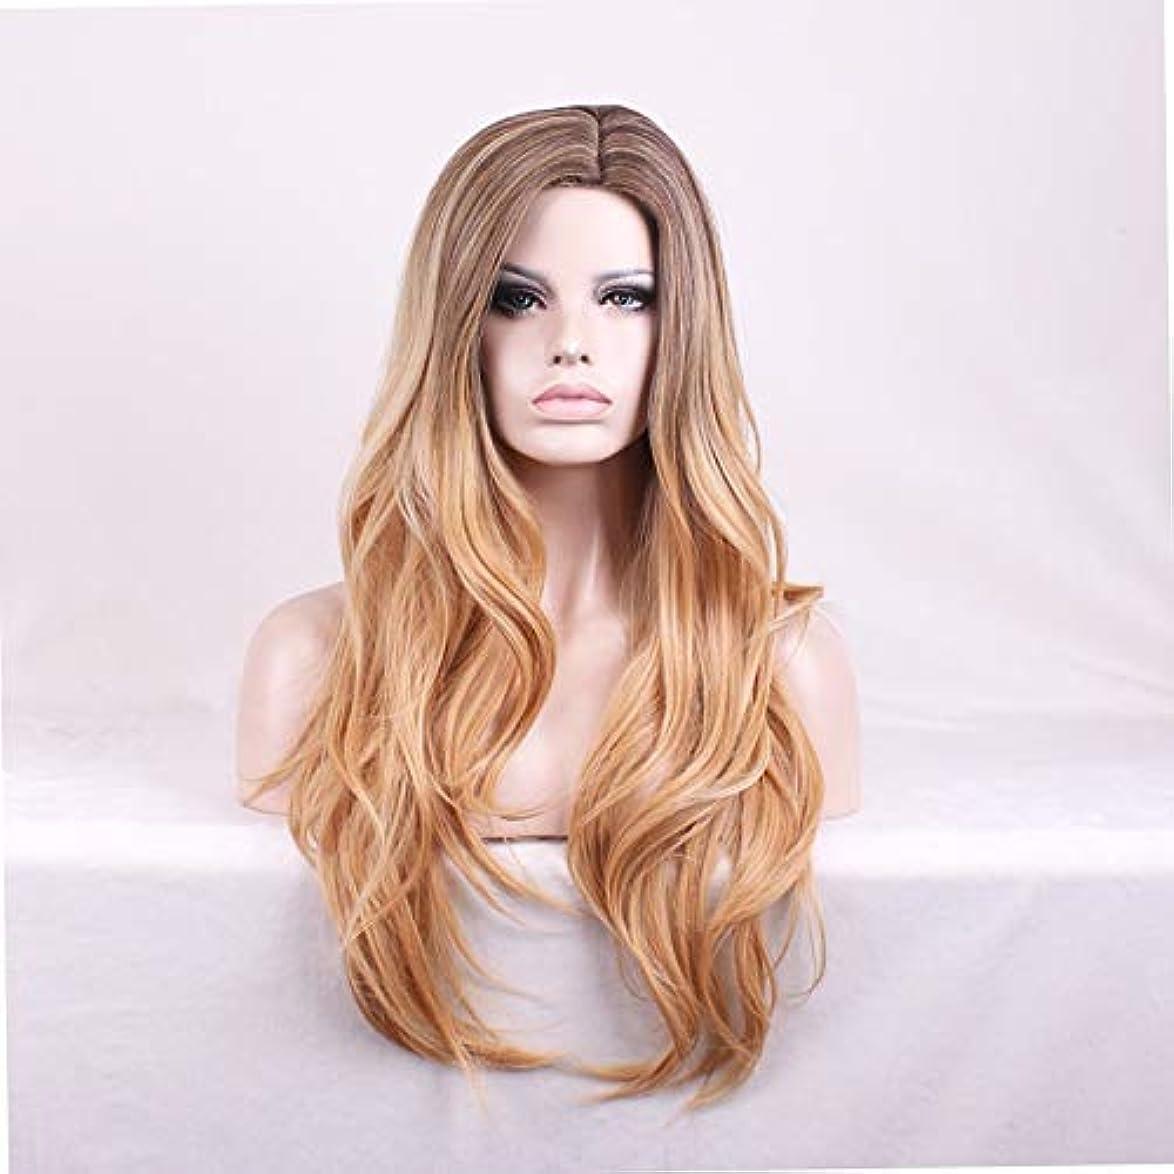 信頼性必要としている出しますかつらキャップウィッグロングファンシードレスカールウィッグ高品質の人工毛髪コスプレ高密度ウィッグ女性と女の子用ブラウンゴールドグラデーション